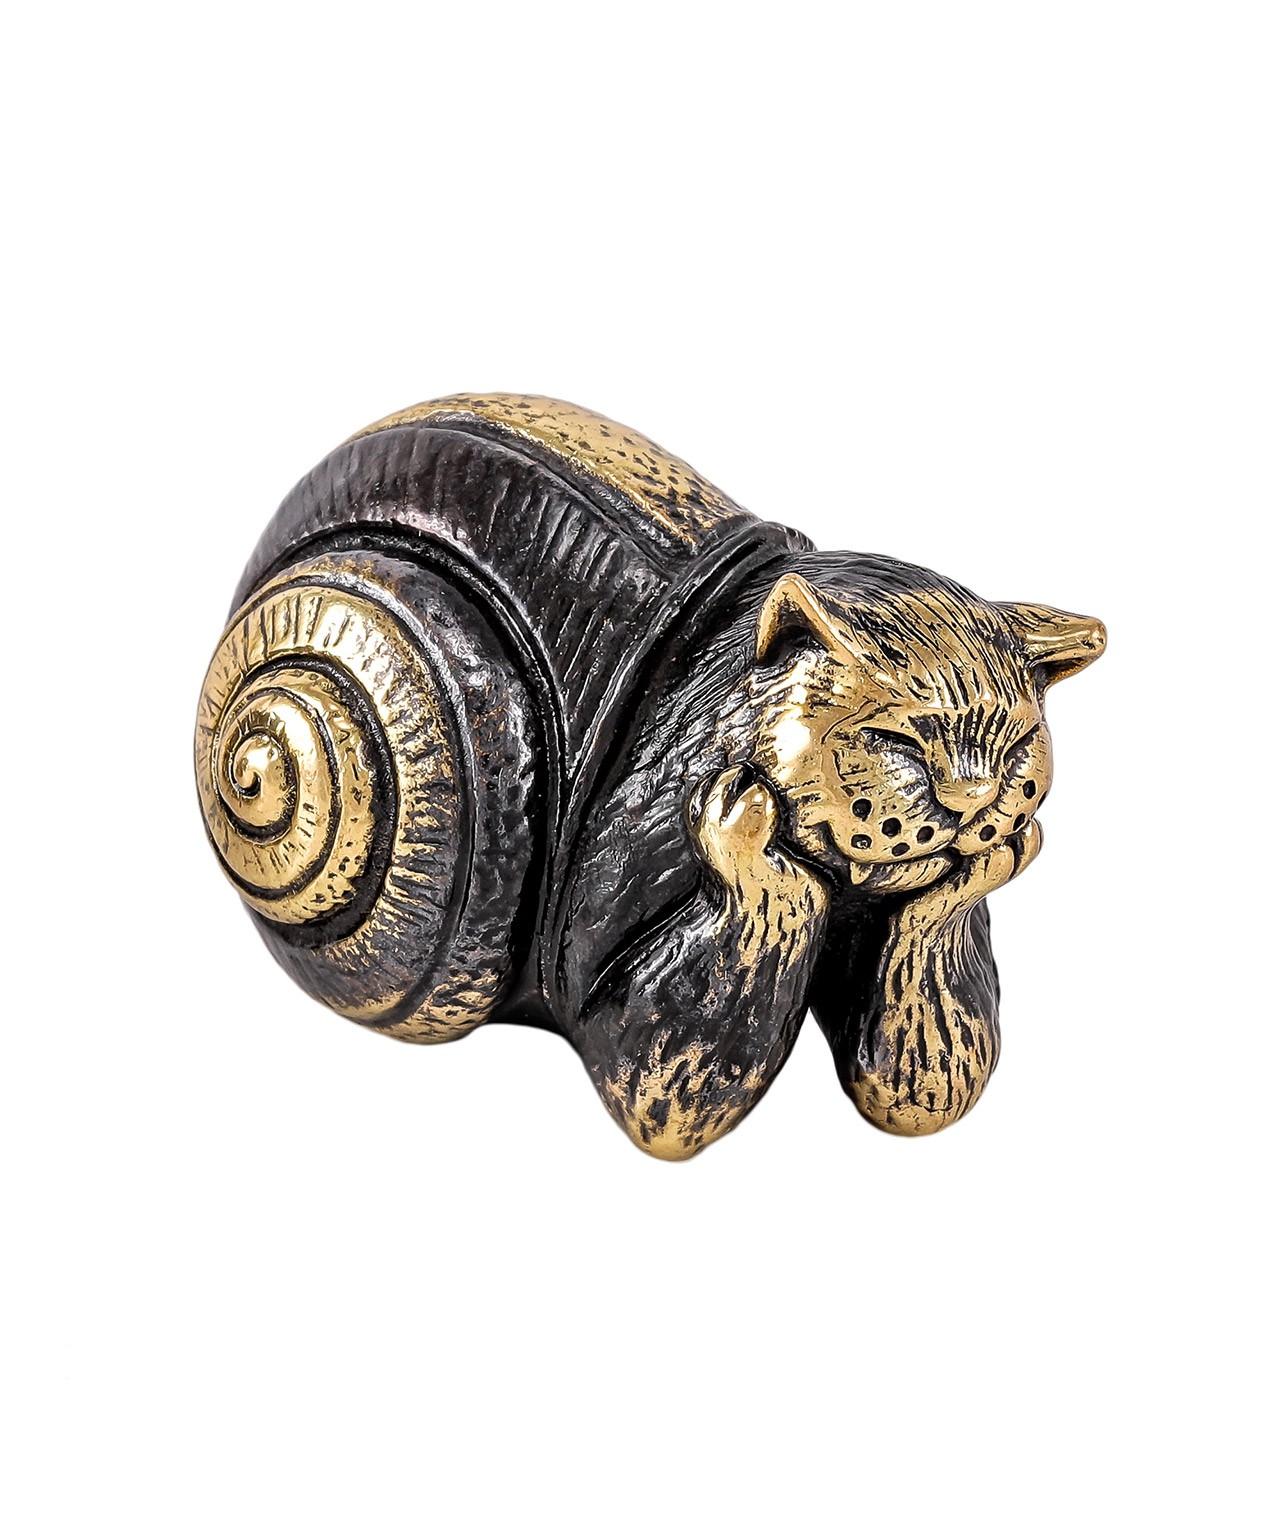 Кот в панцире без подставки 1799.1